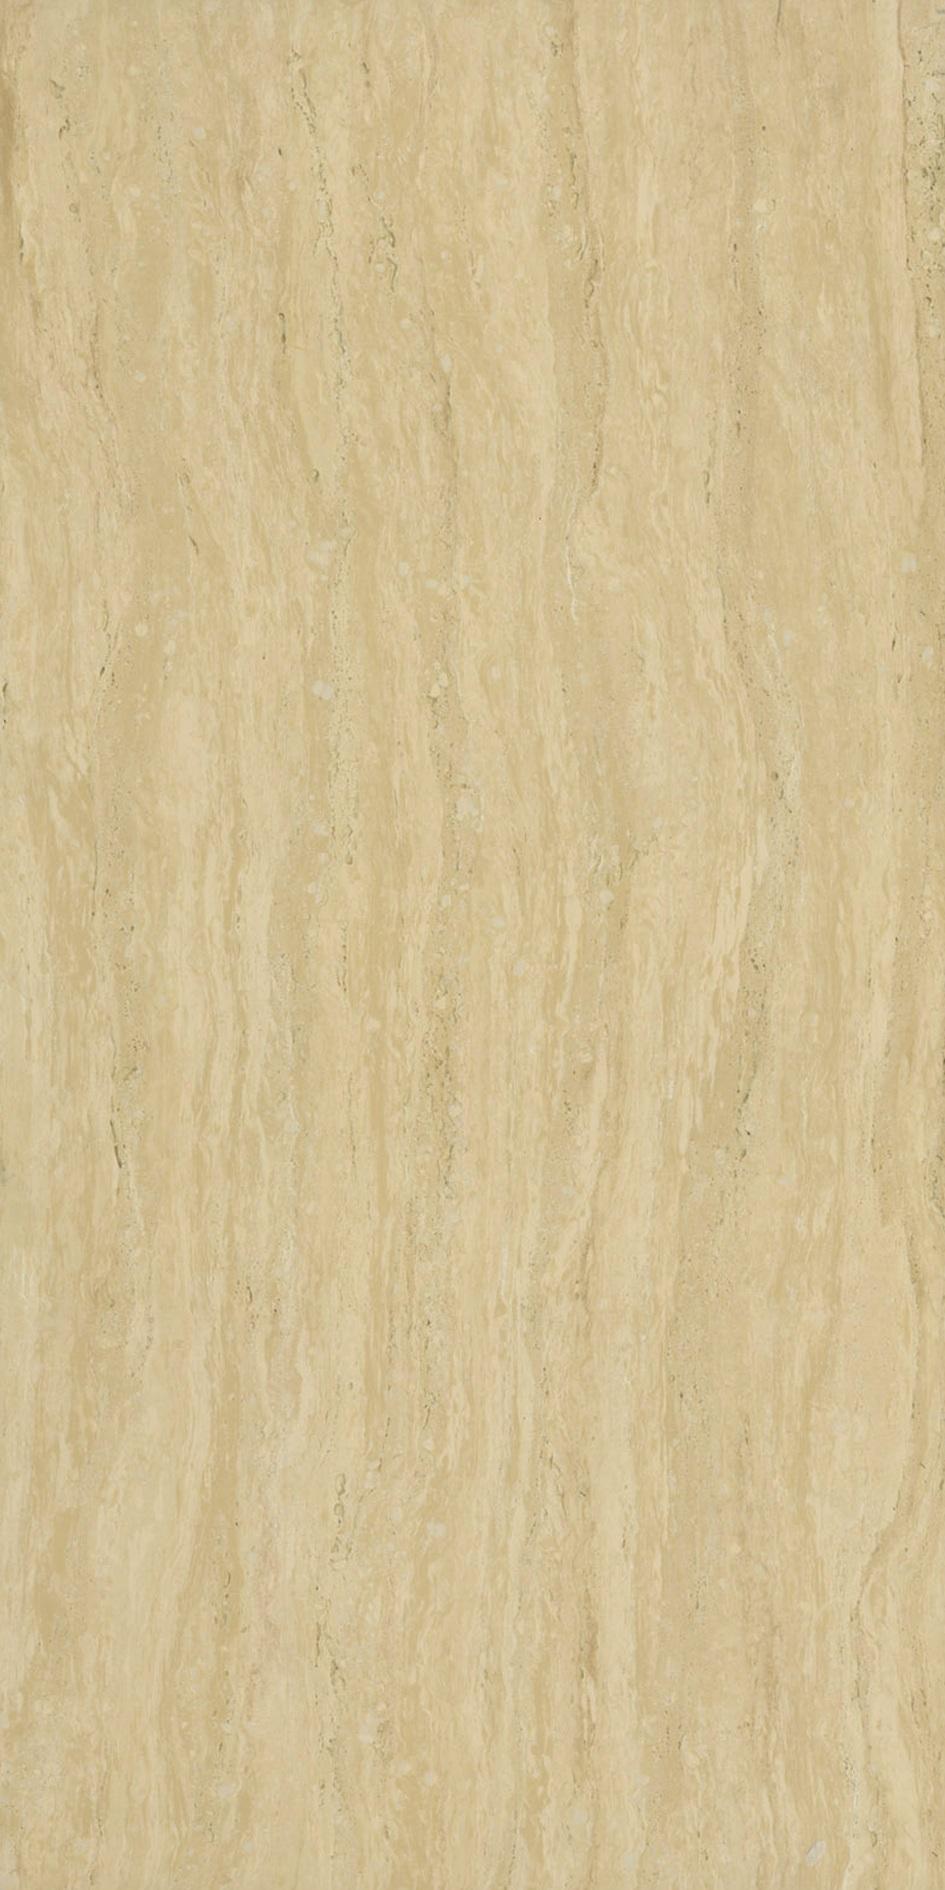 Gạch mỏng - JSYP1206-13